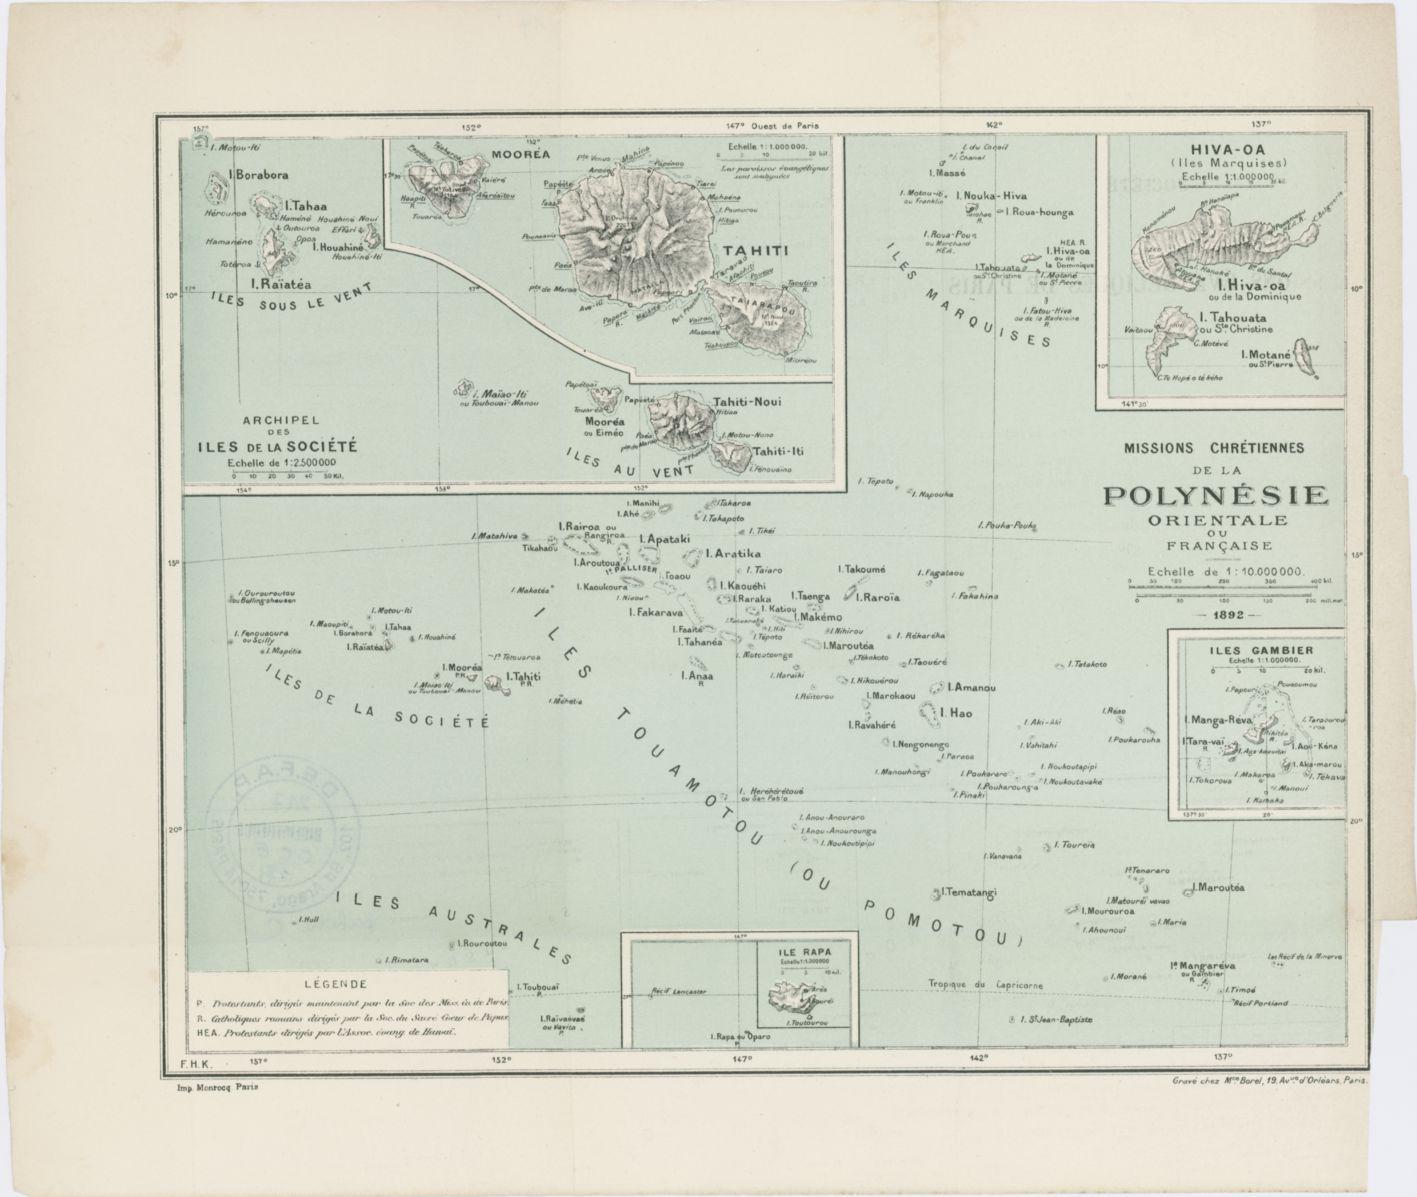 Missions chrétiennes de la Polynésie orientale ou française / Frédéric-Hermann Kruger (1892)